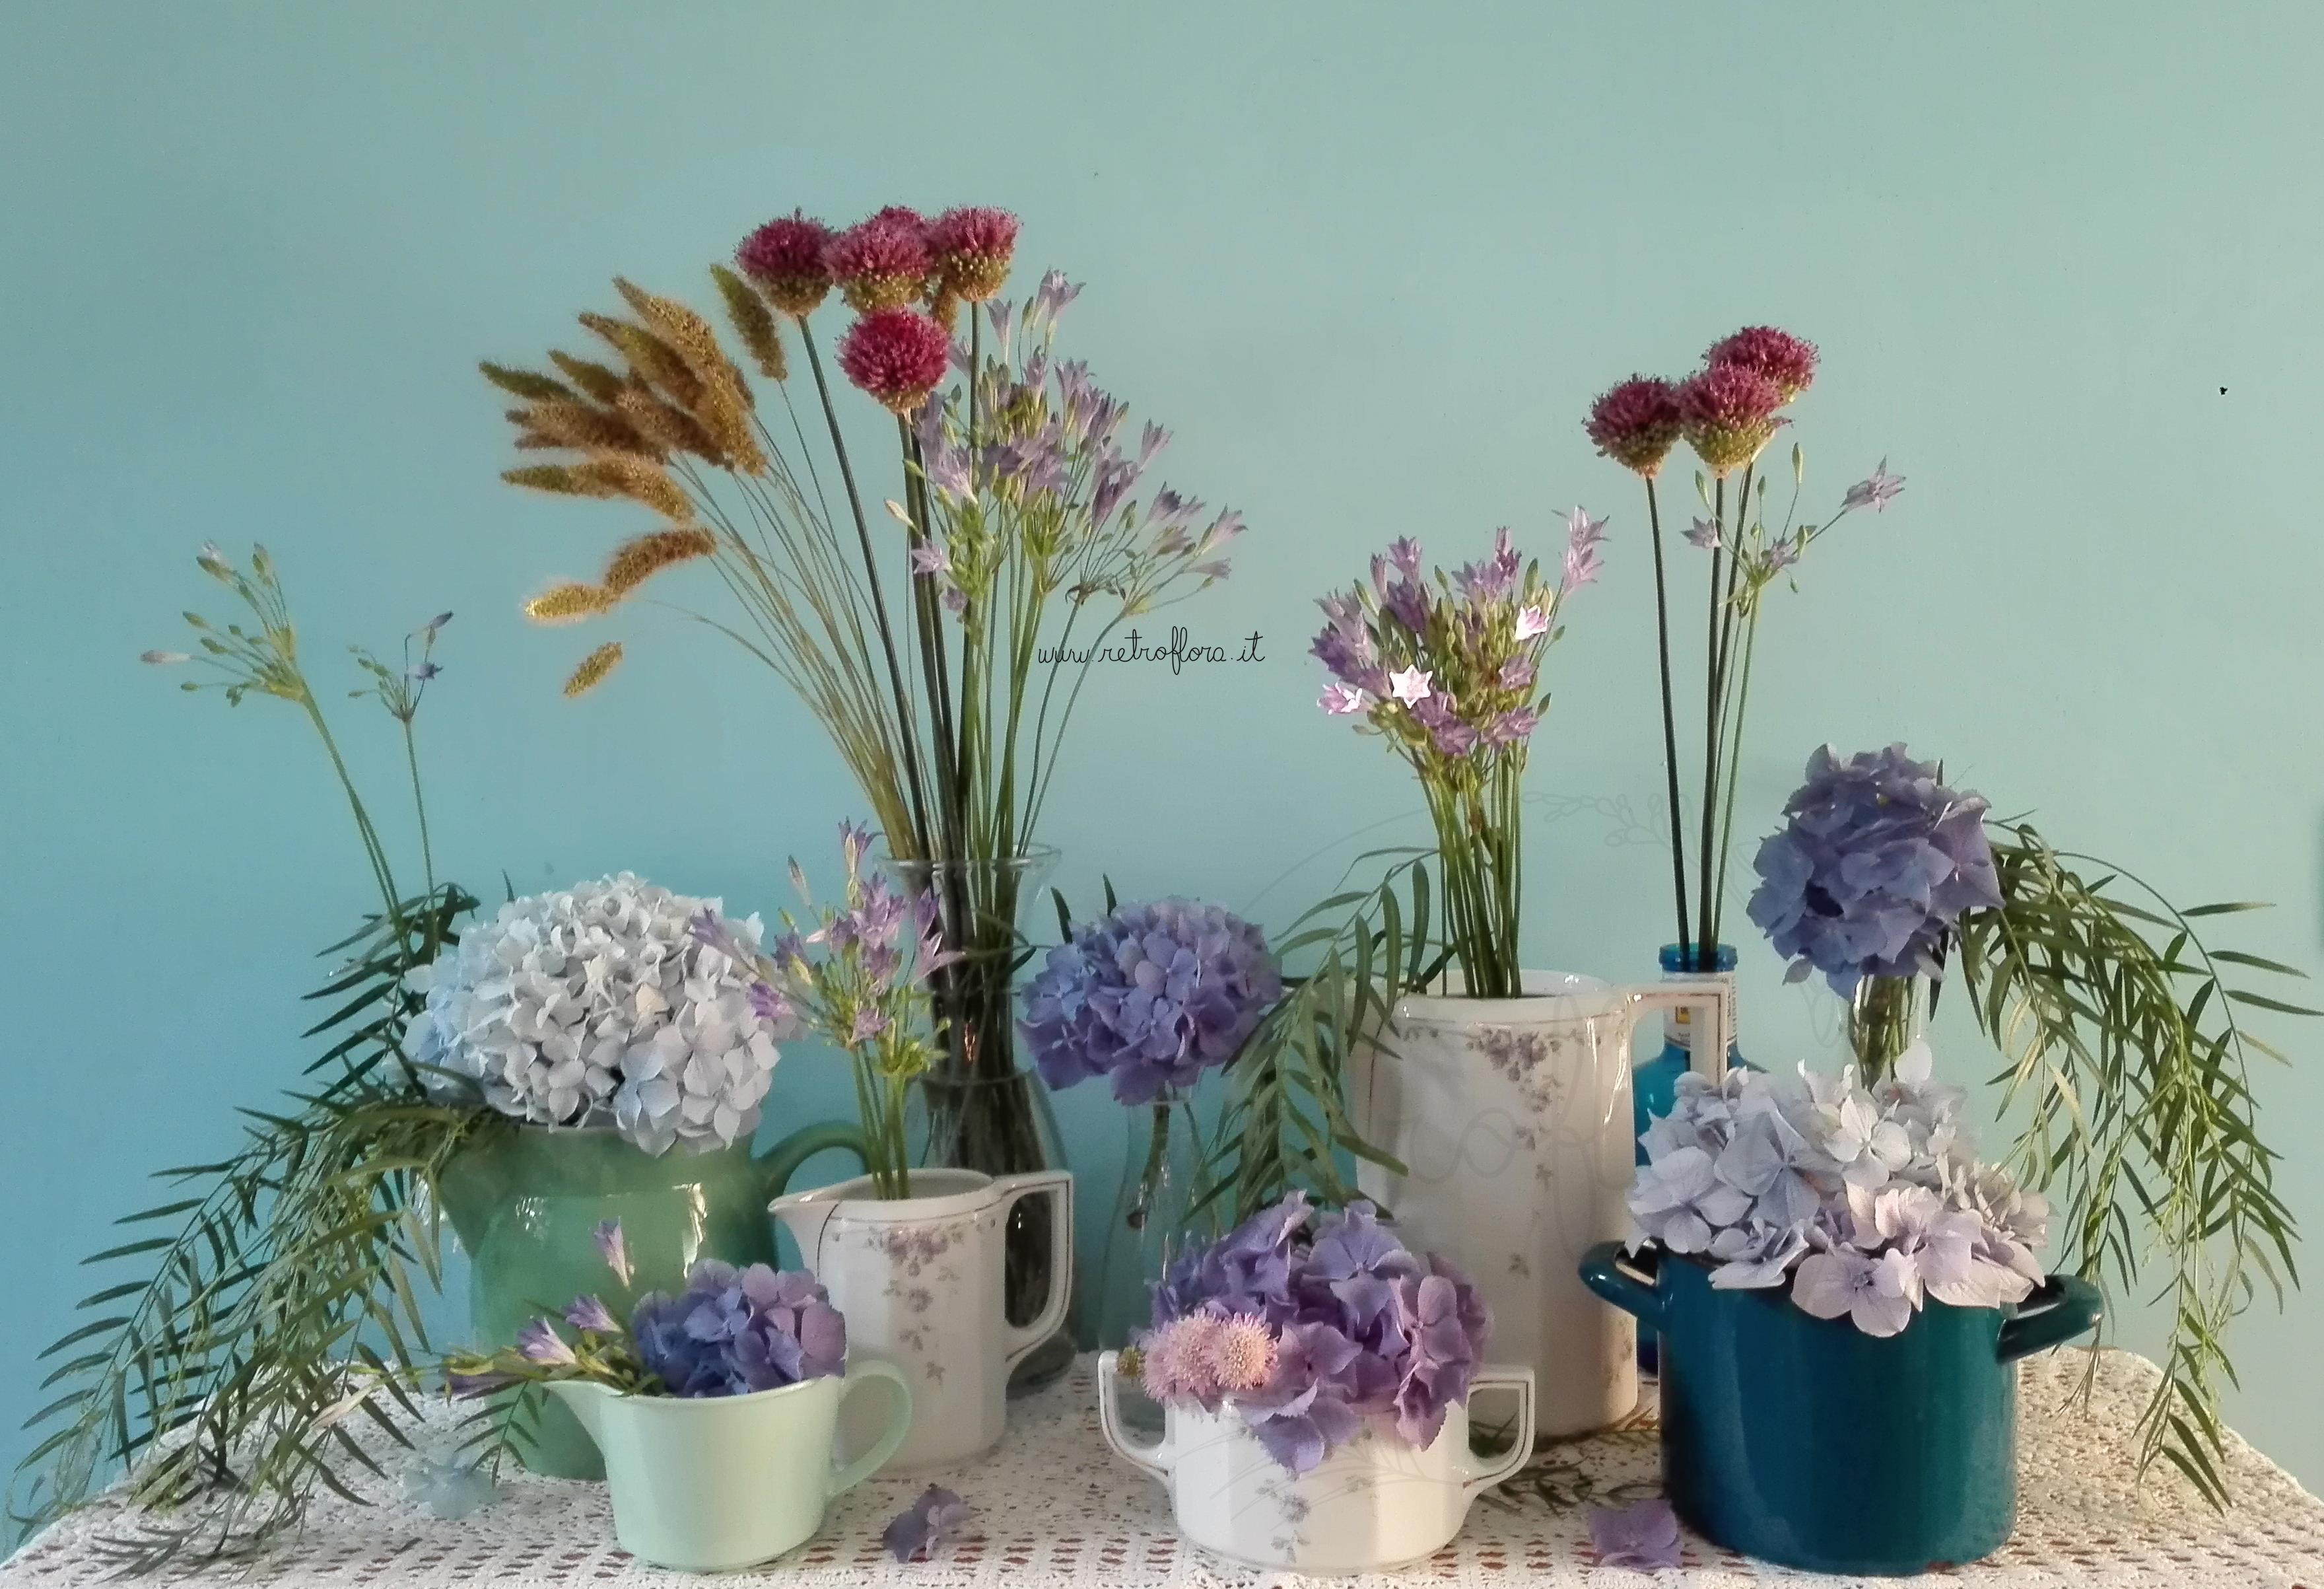 La Mensola Fiorita Luglio, Composizioni Floreali Sostenibili, Composizione Floreale Vintage, Floral Display, Flower Display